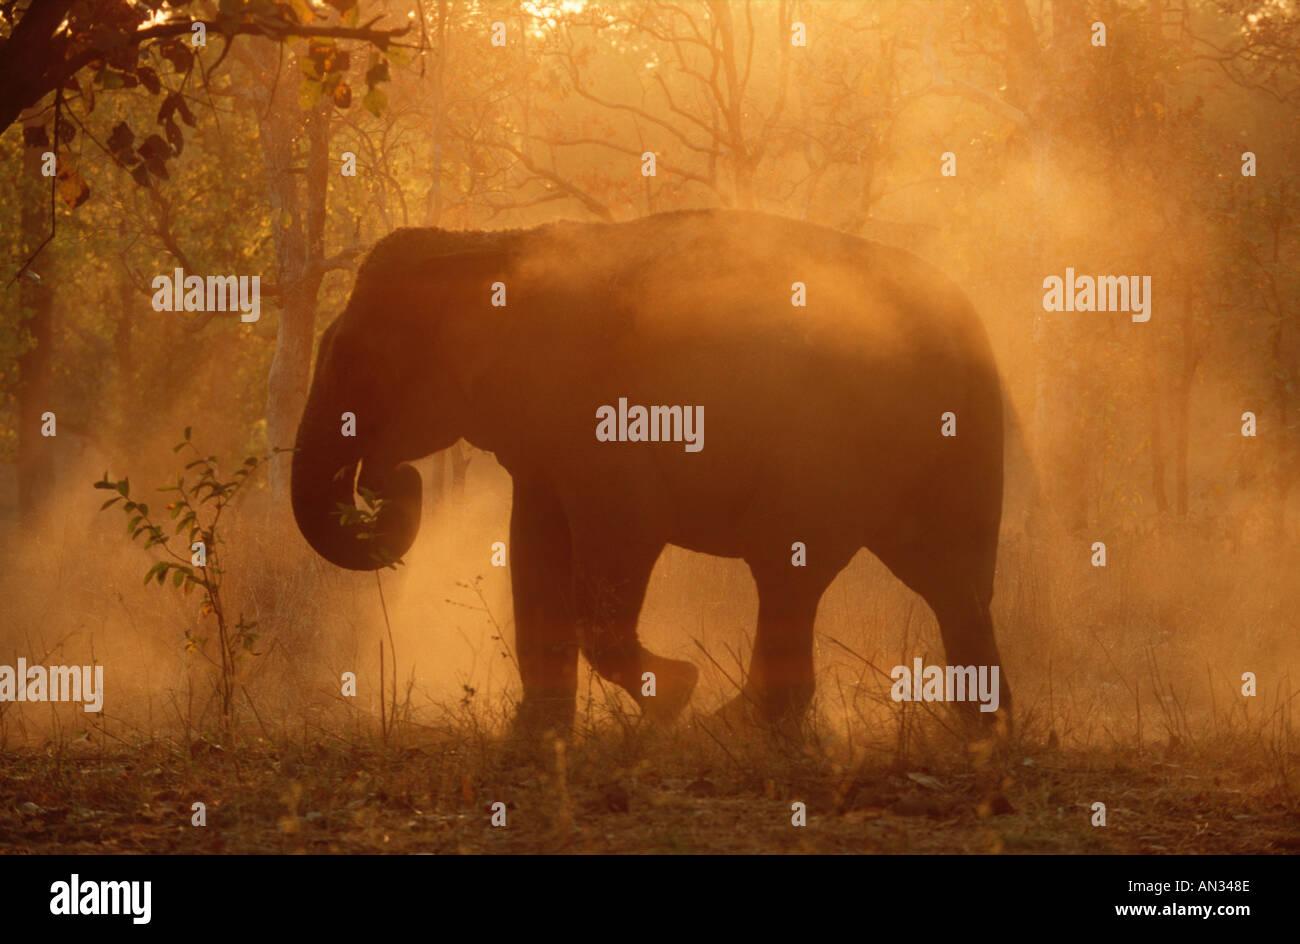 L'elefante indiano Elephus maximus elefante Asiatico godendo di bagno di polvere Kahna National Park in India Immagini Stock